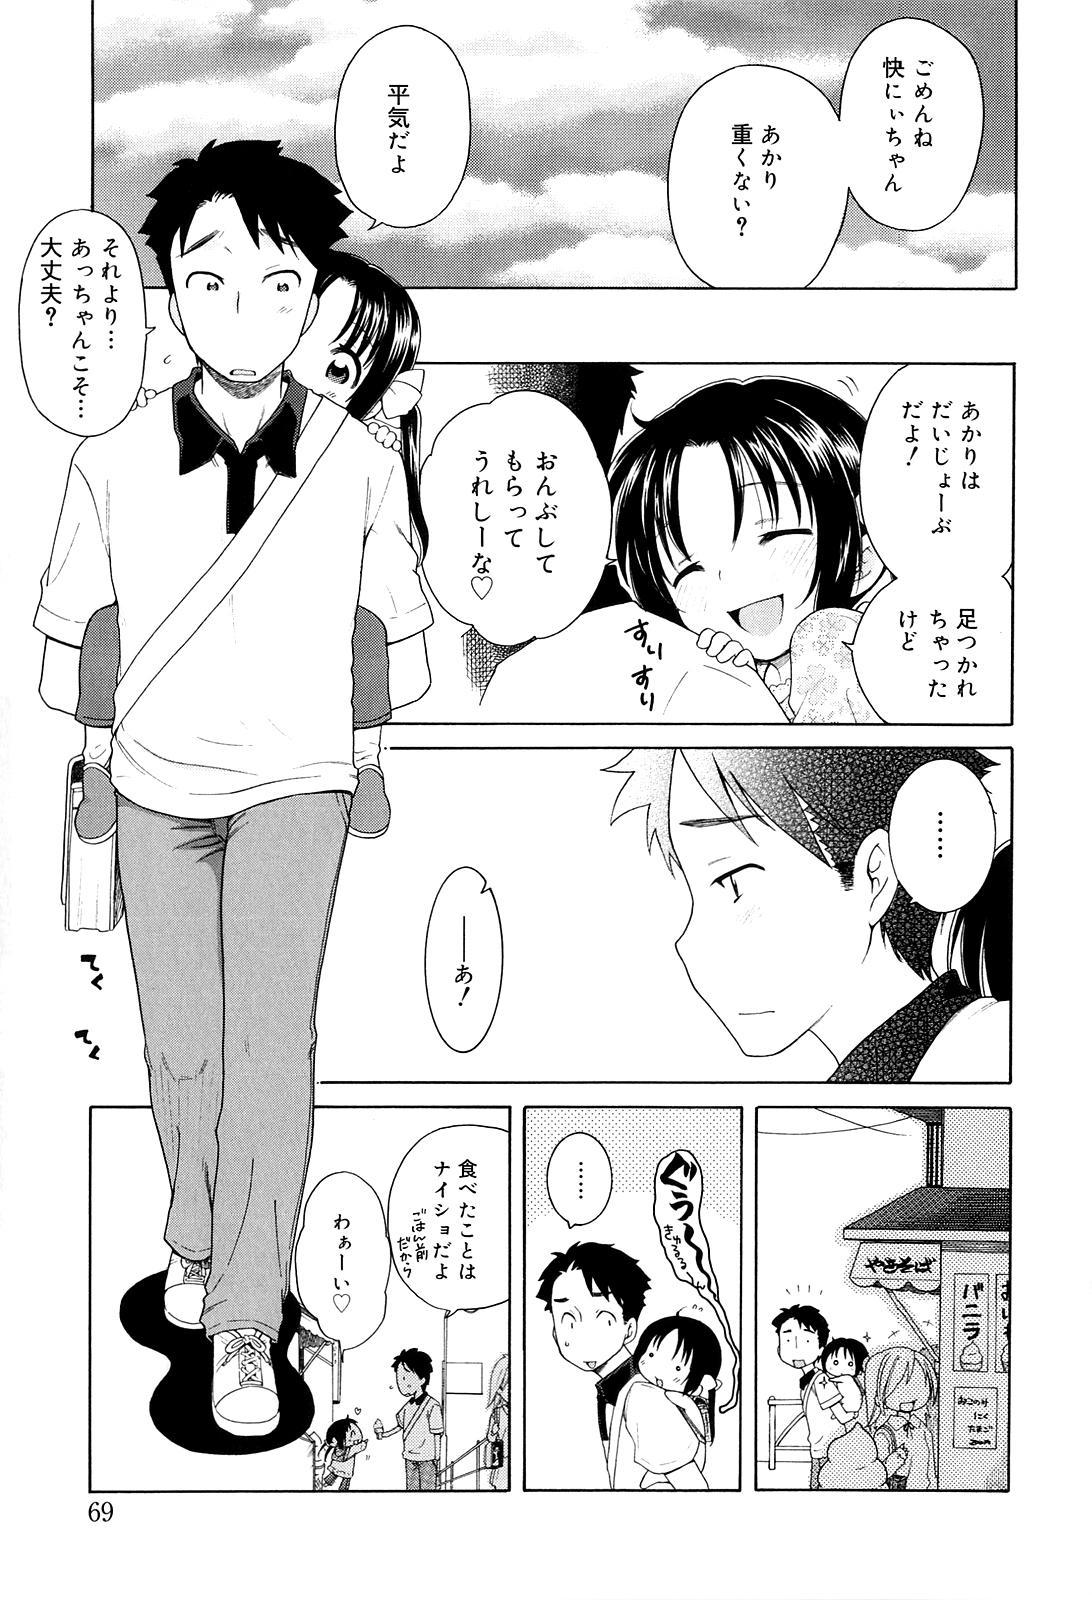 Tsukimisou no Akari 70